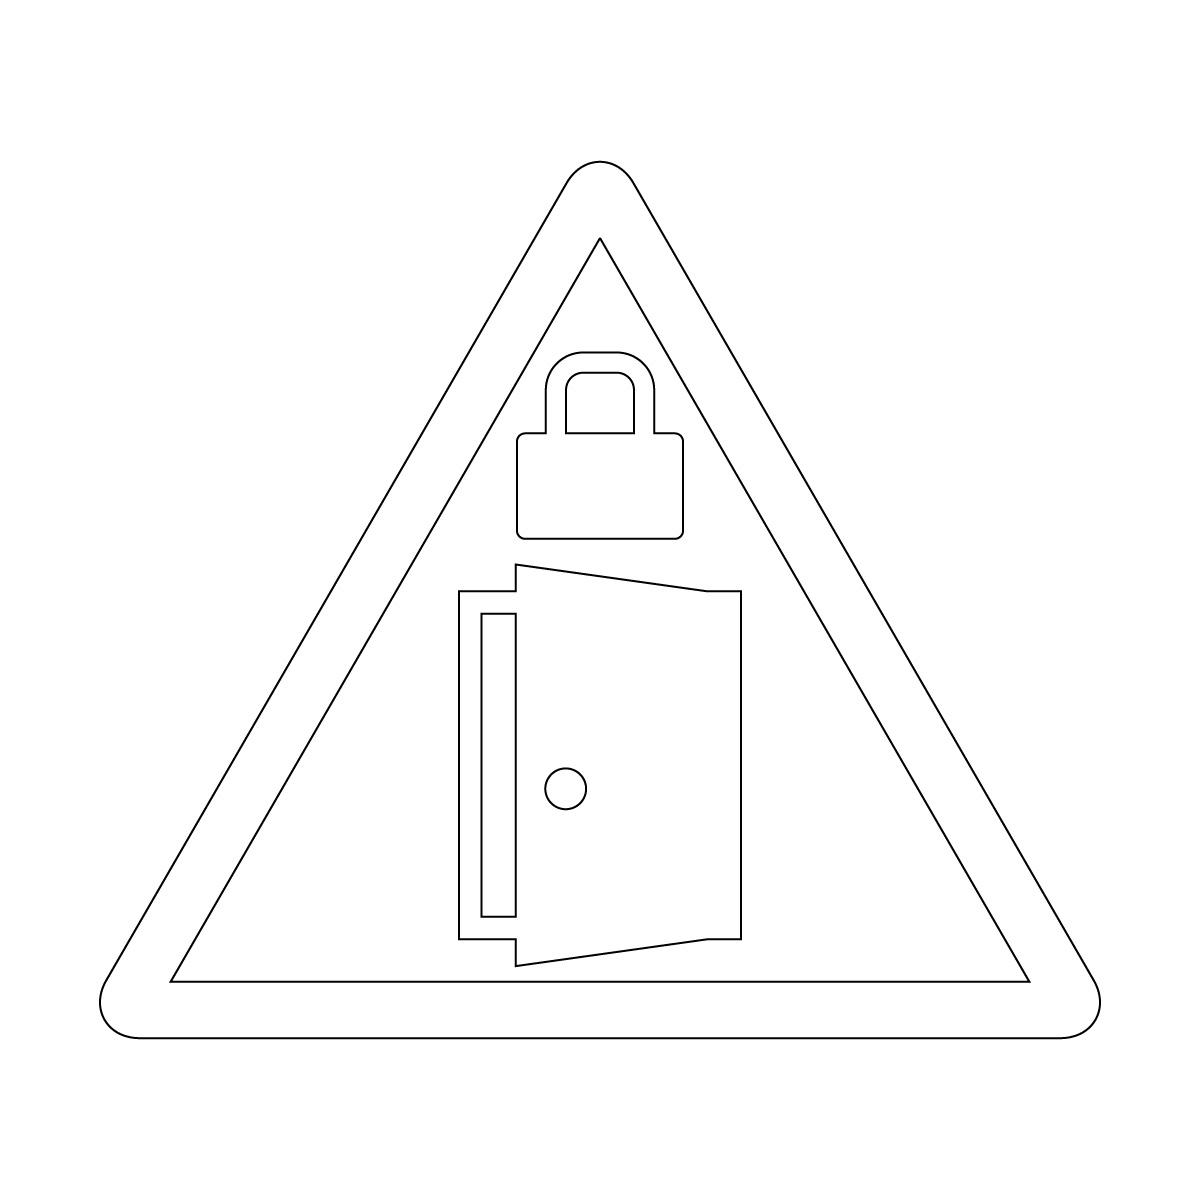 白色の扉・ドアの施錠注意 鍵掛け マークのカッティングステッカー・シール